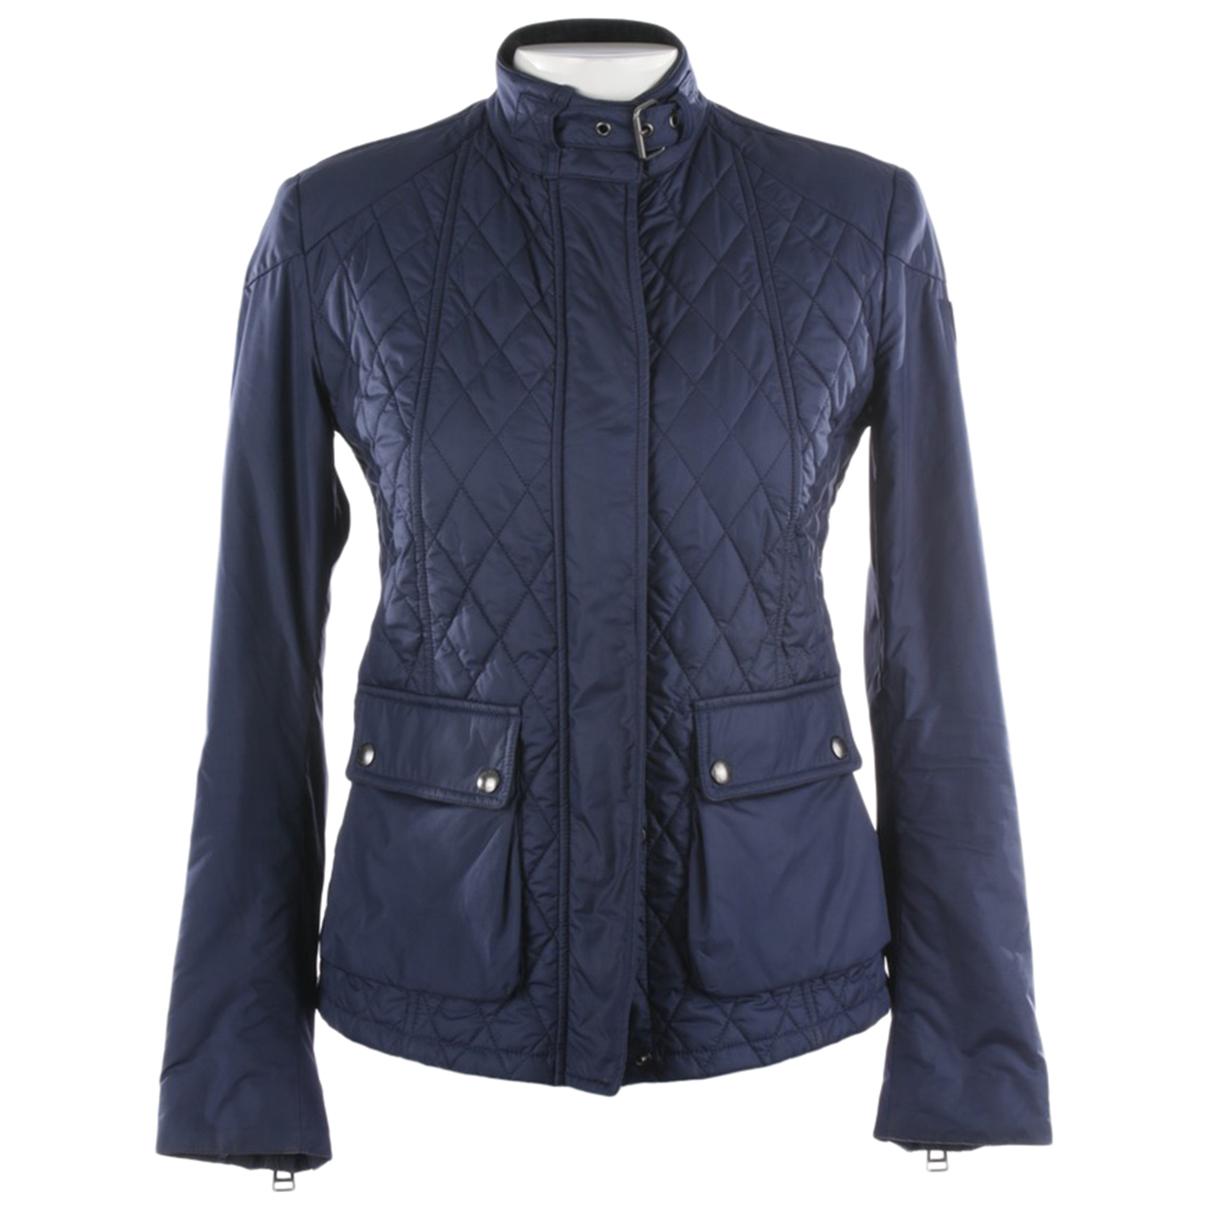 Belstaff \N Blue jacket for Women 36 FR